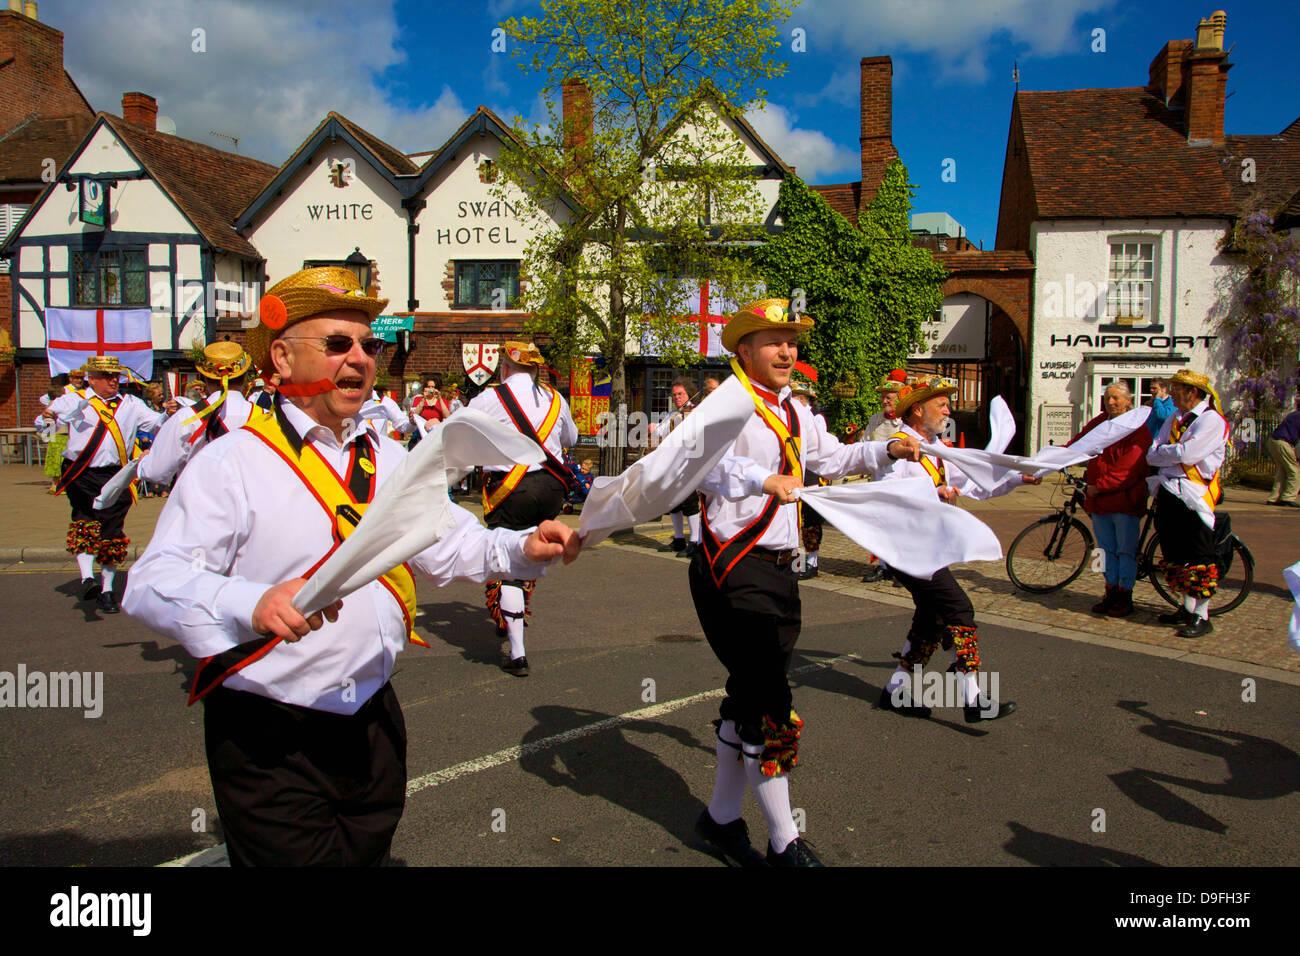 Morris dancing, Stratford upon Avon, Warwickshire, England, UK - Stock Image